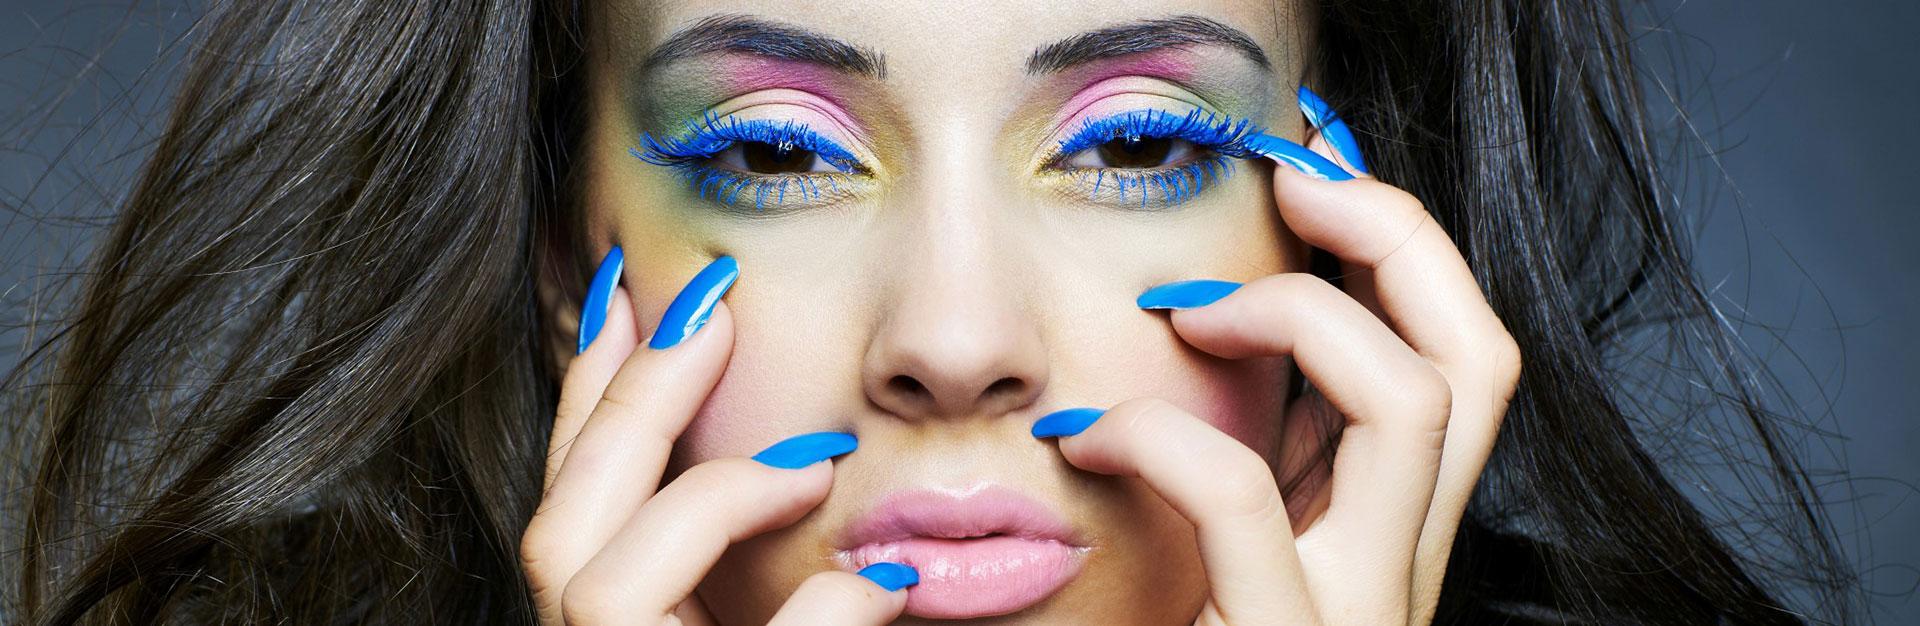 paznokcie-krakow-blue-woman